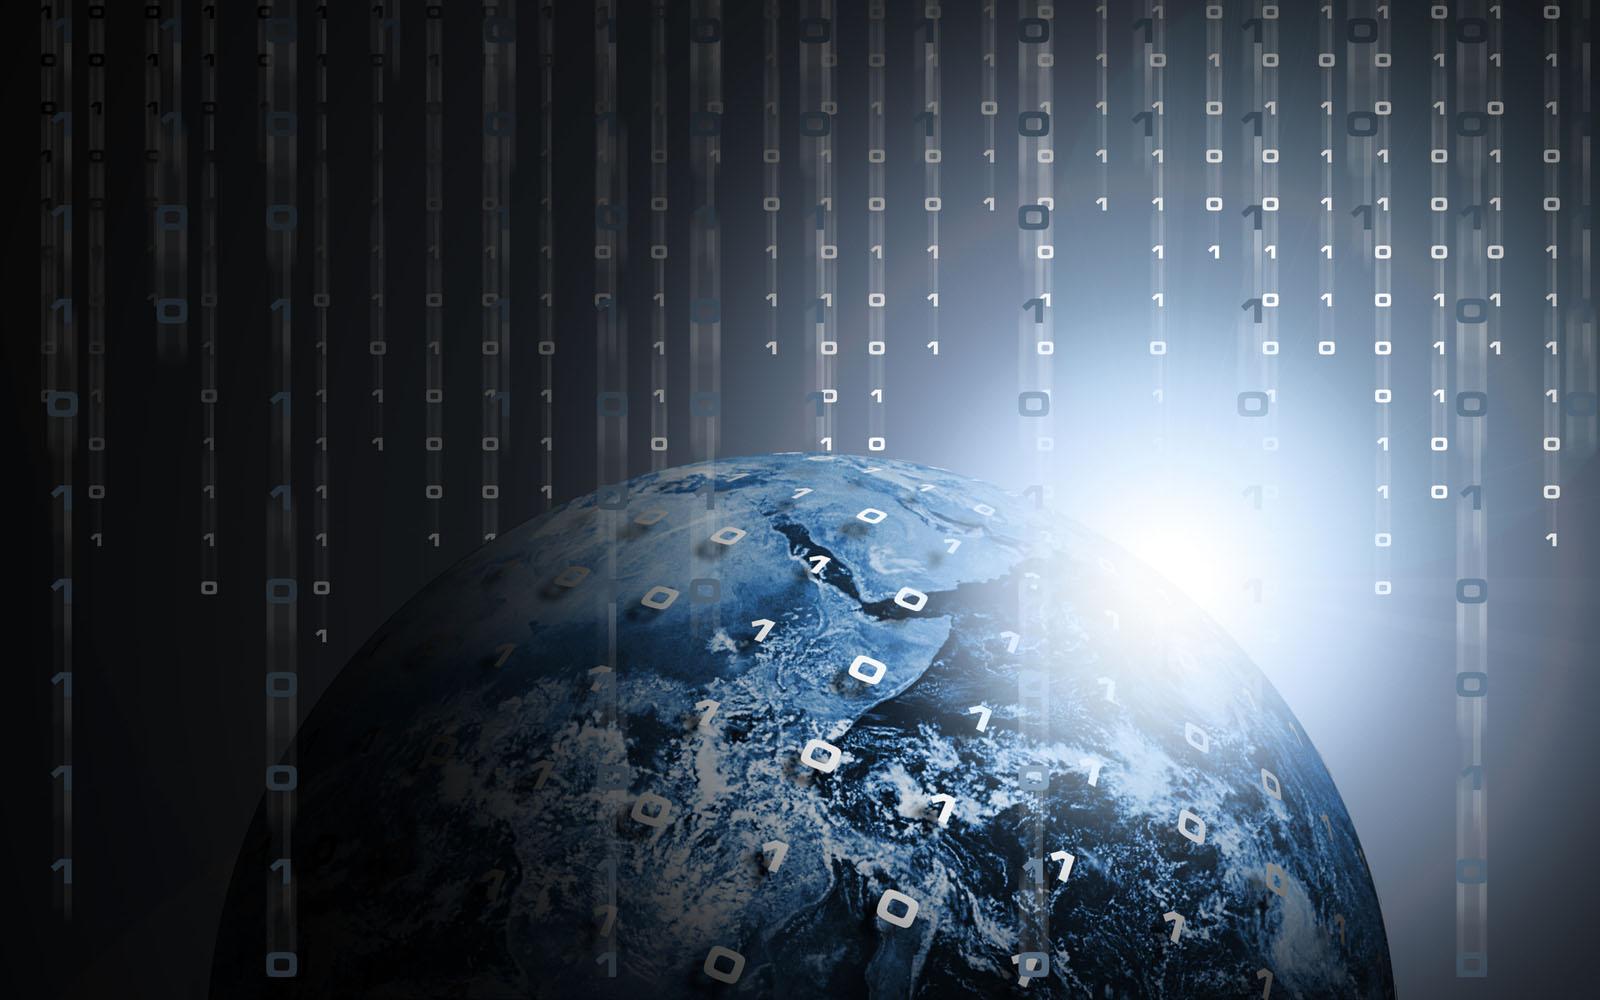 Dark Data - Hvad er det mørke data og kan det undgås?